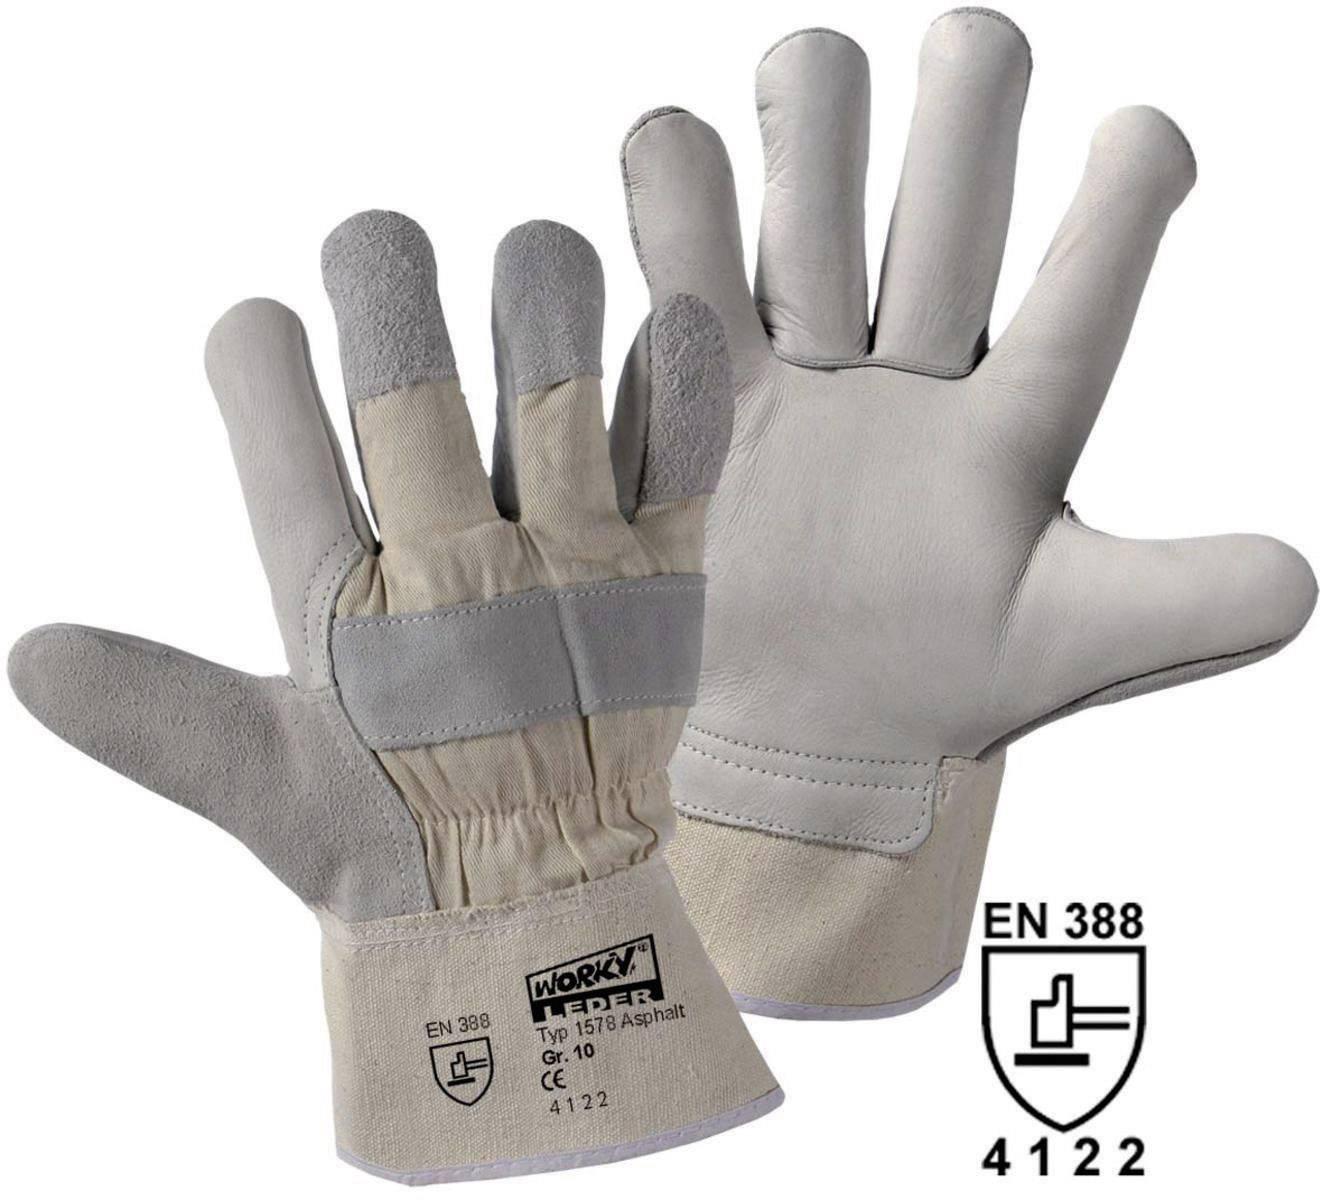 Pracovní rukavice Upixx Asphalt 1578, velikost rukavic: univerzální